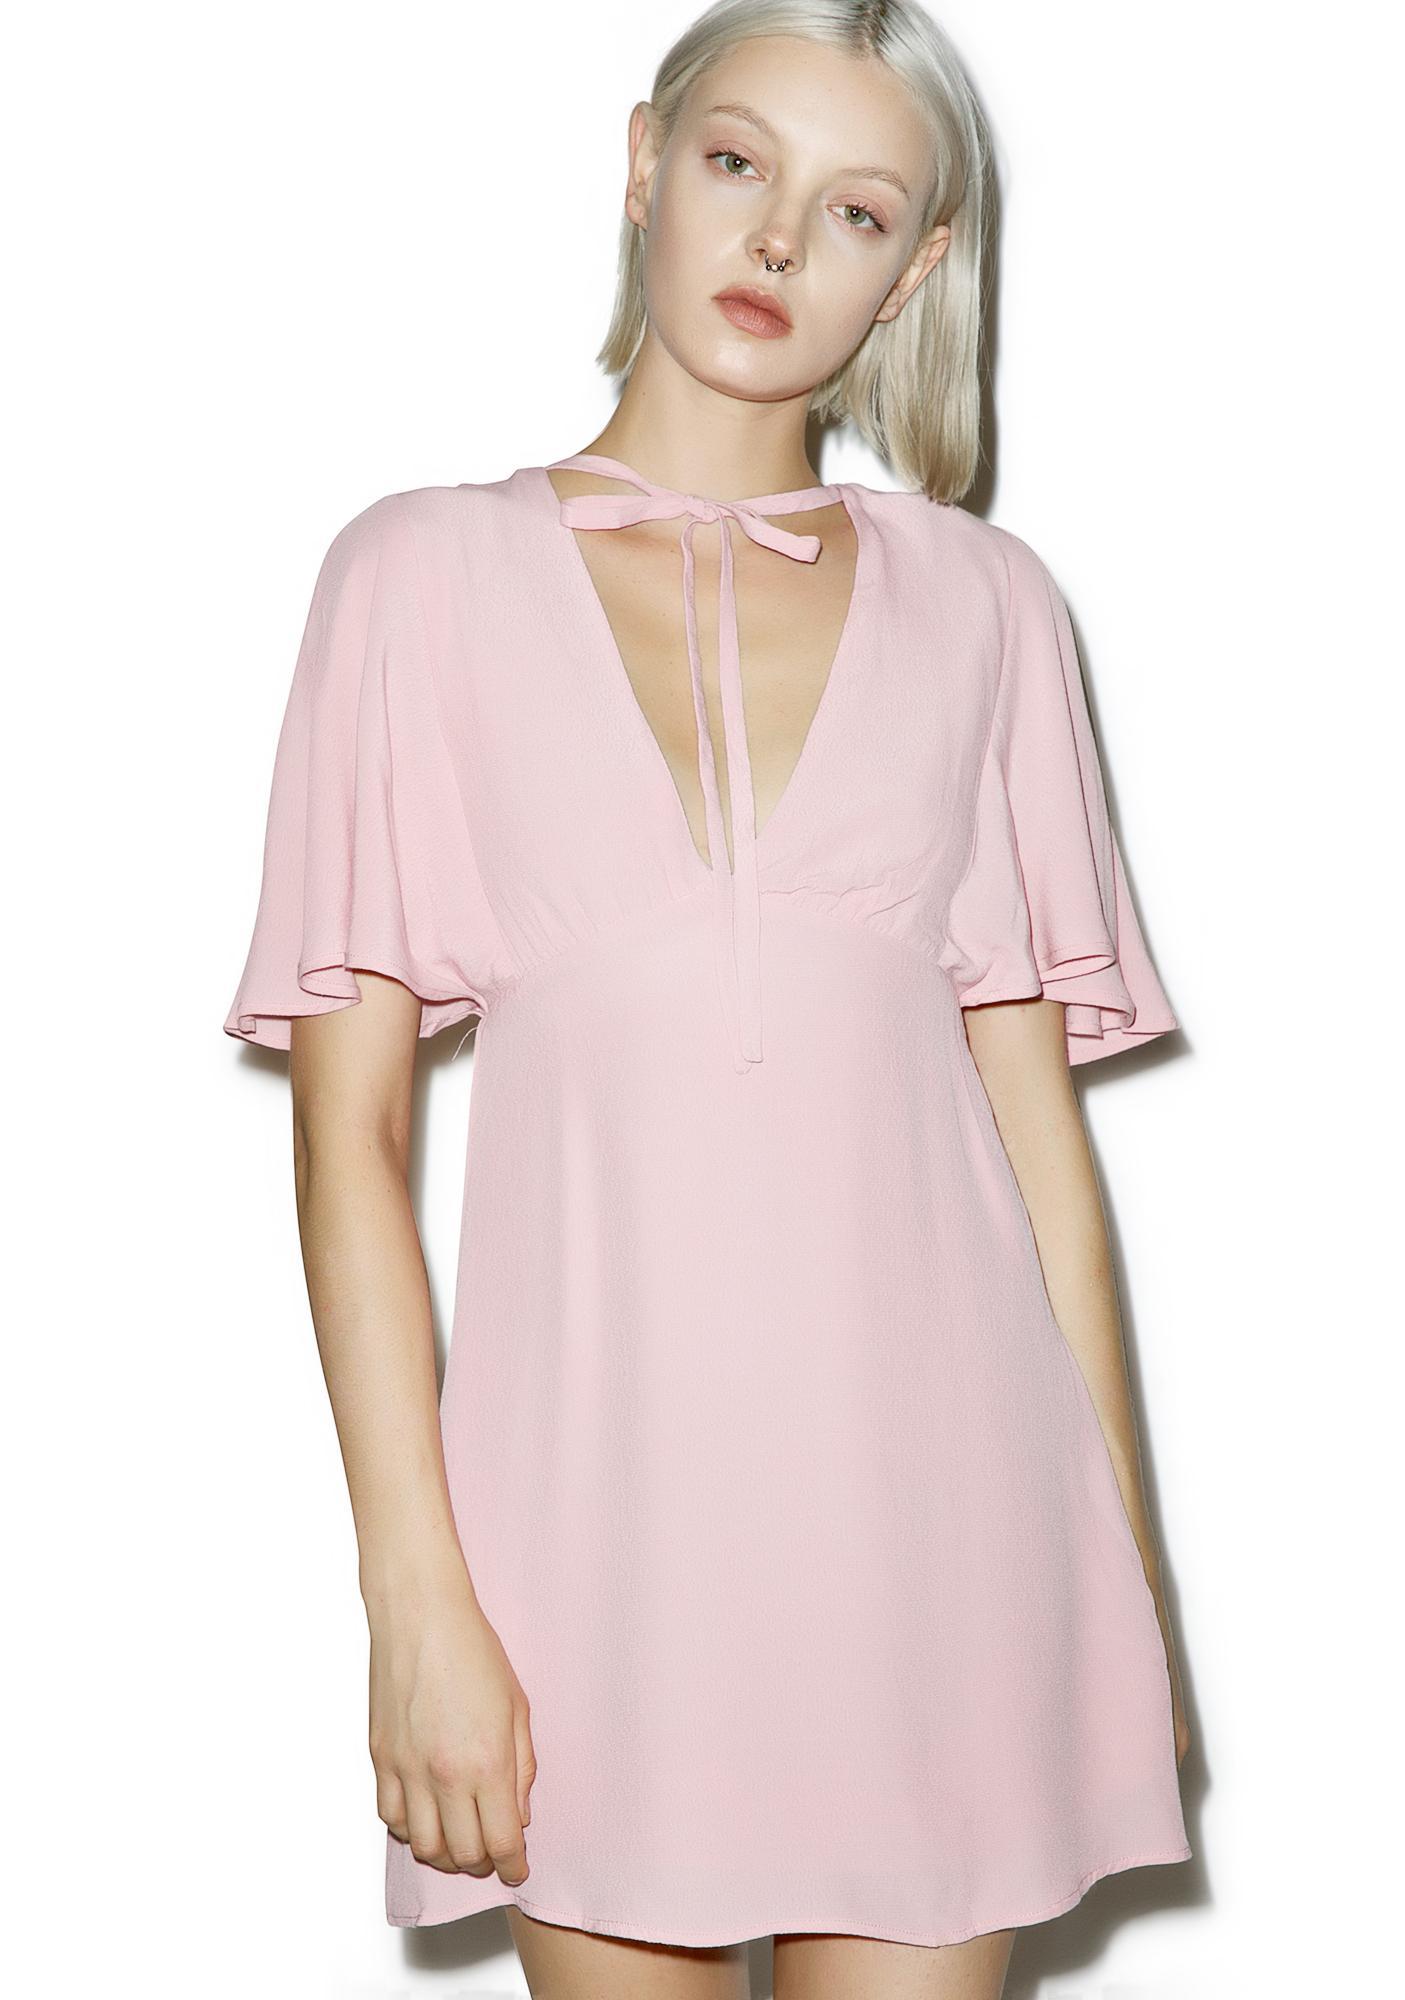 At First Glance Blush Dress